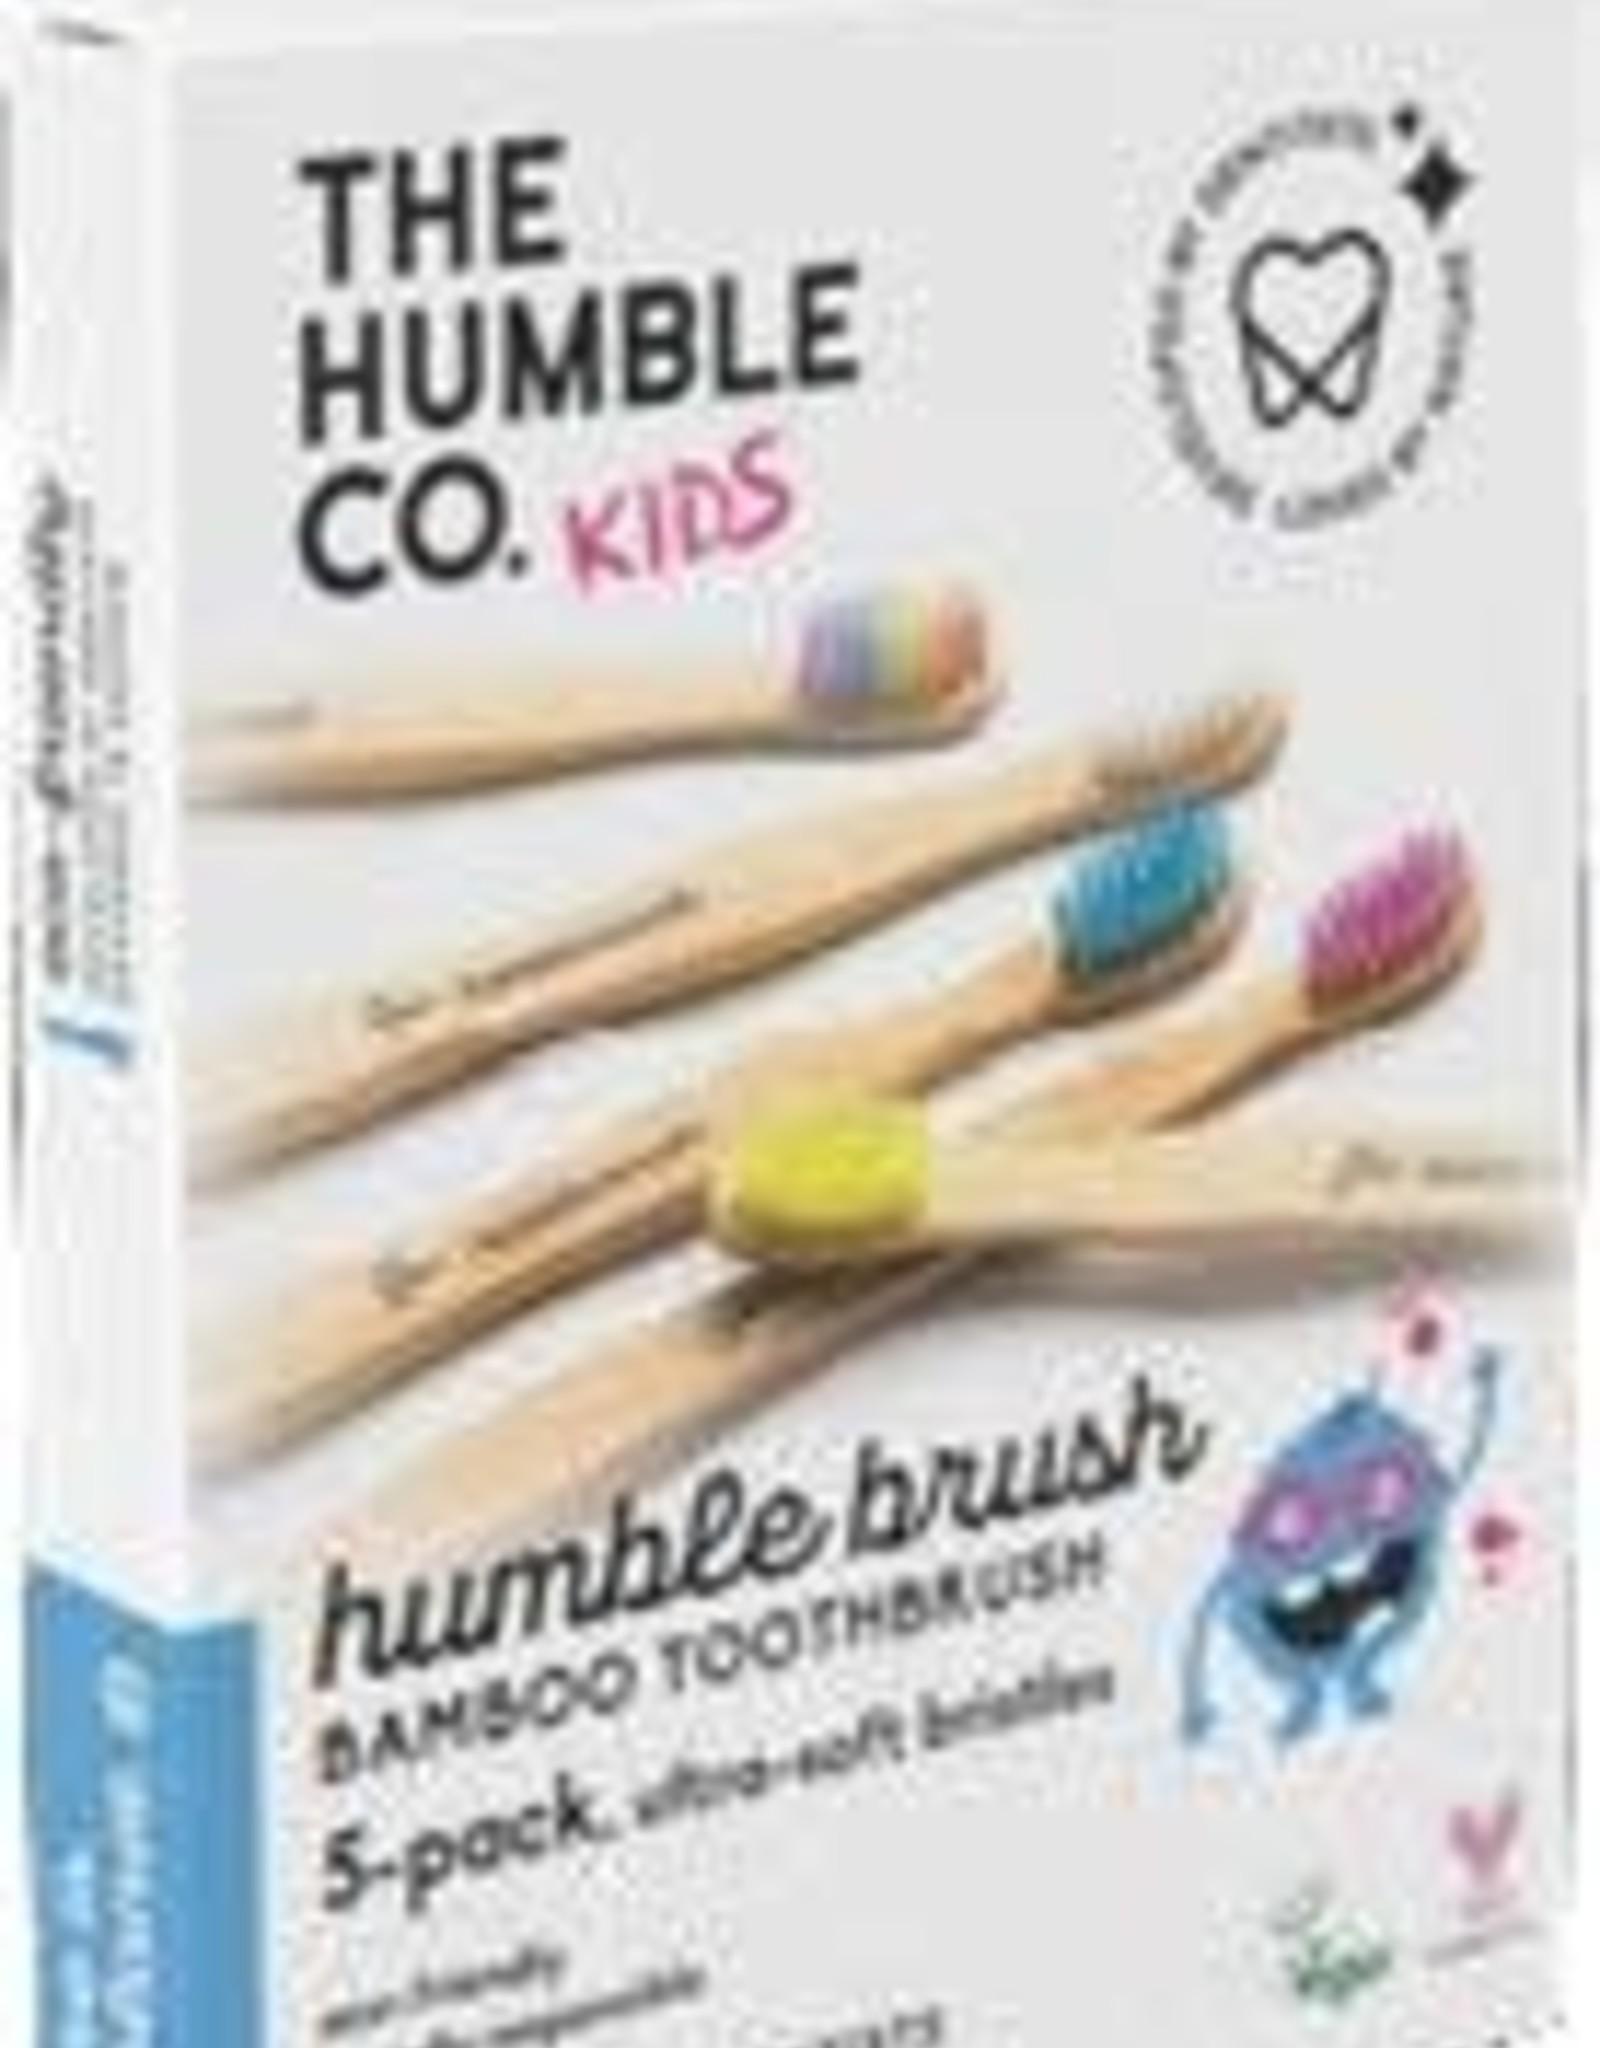 The Humble Co. Humble Brush Bamboe tandenborstels kids - ultra soft - 5 stuks